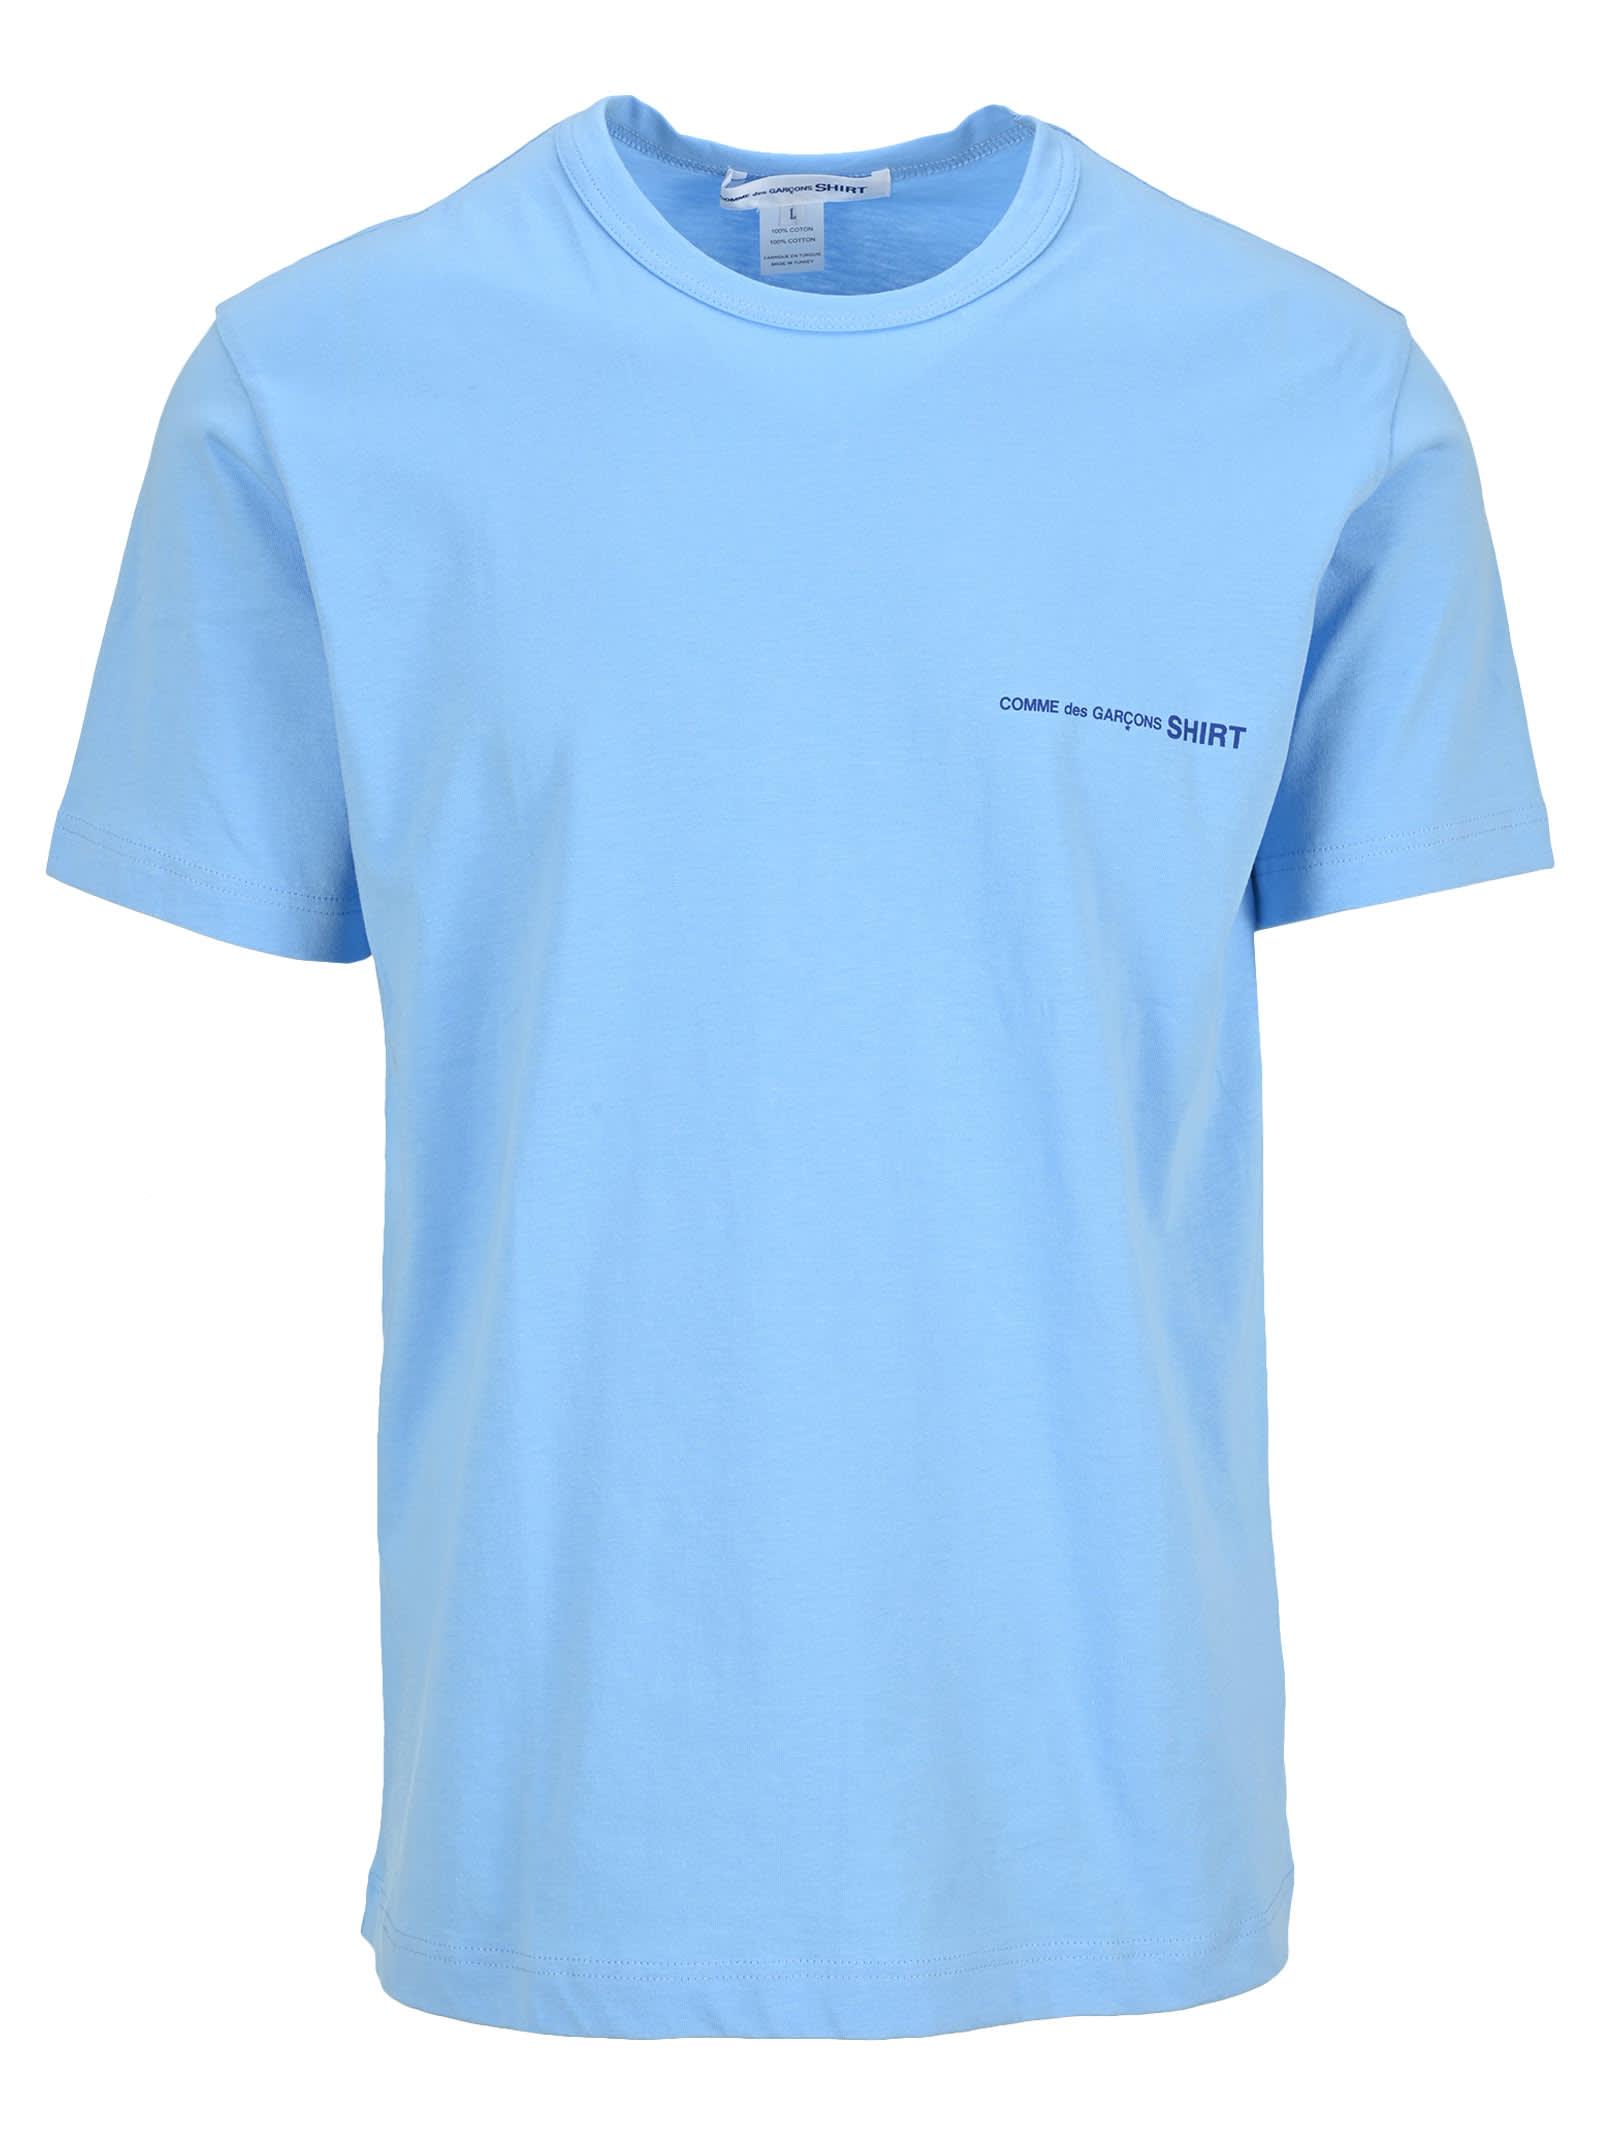 Comme Des Garçons Shirt Cottons COMME DES GARÇONS SHIRT LOGO PRINT T-SHIRT